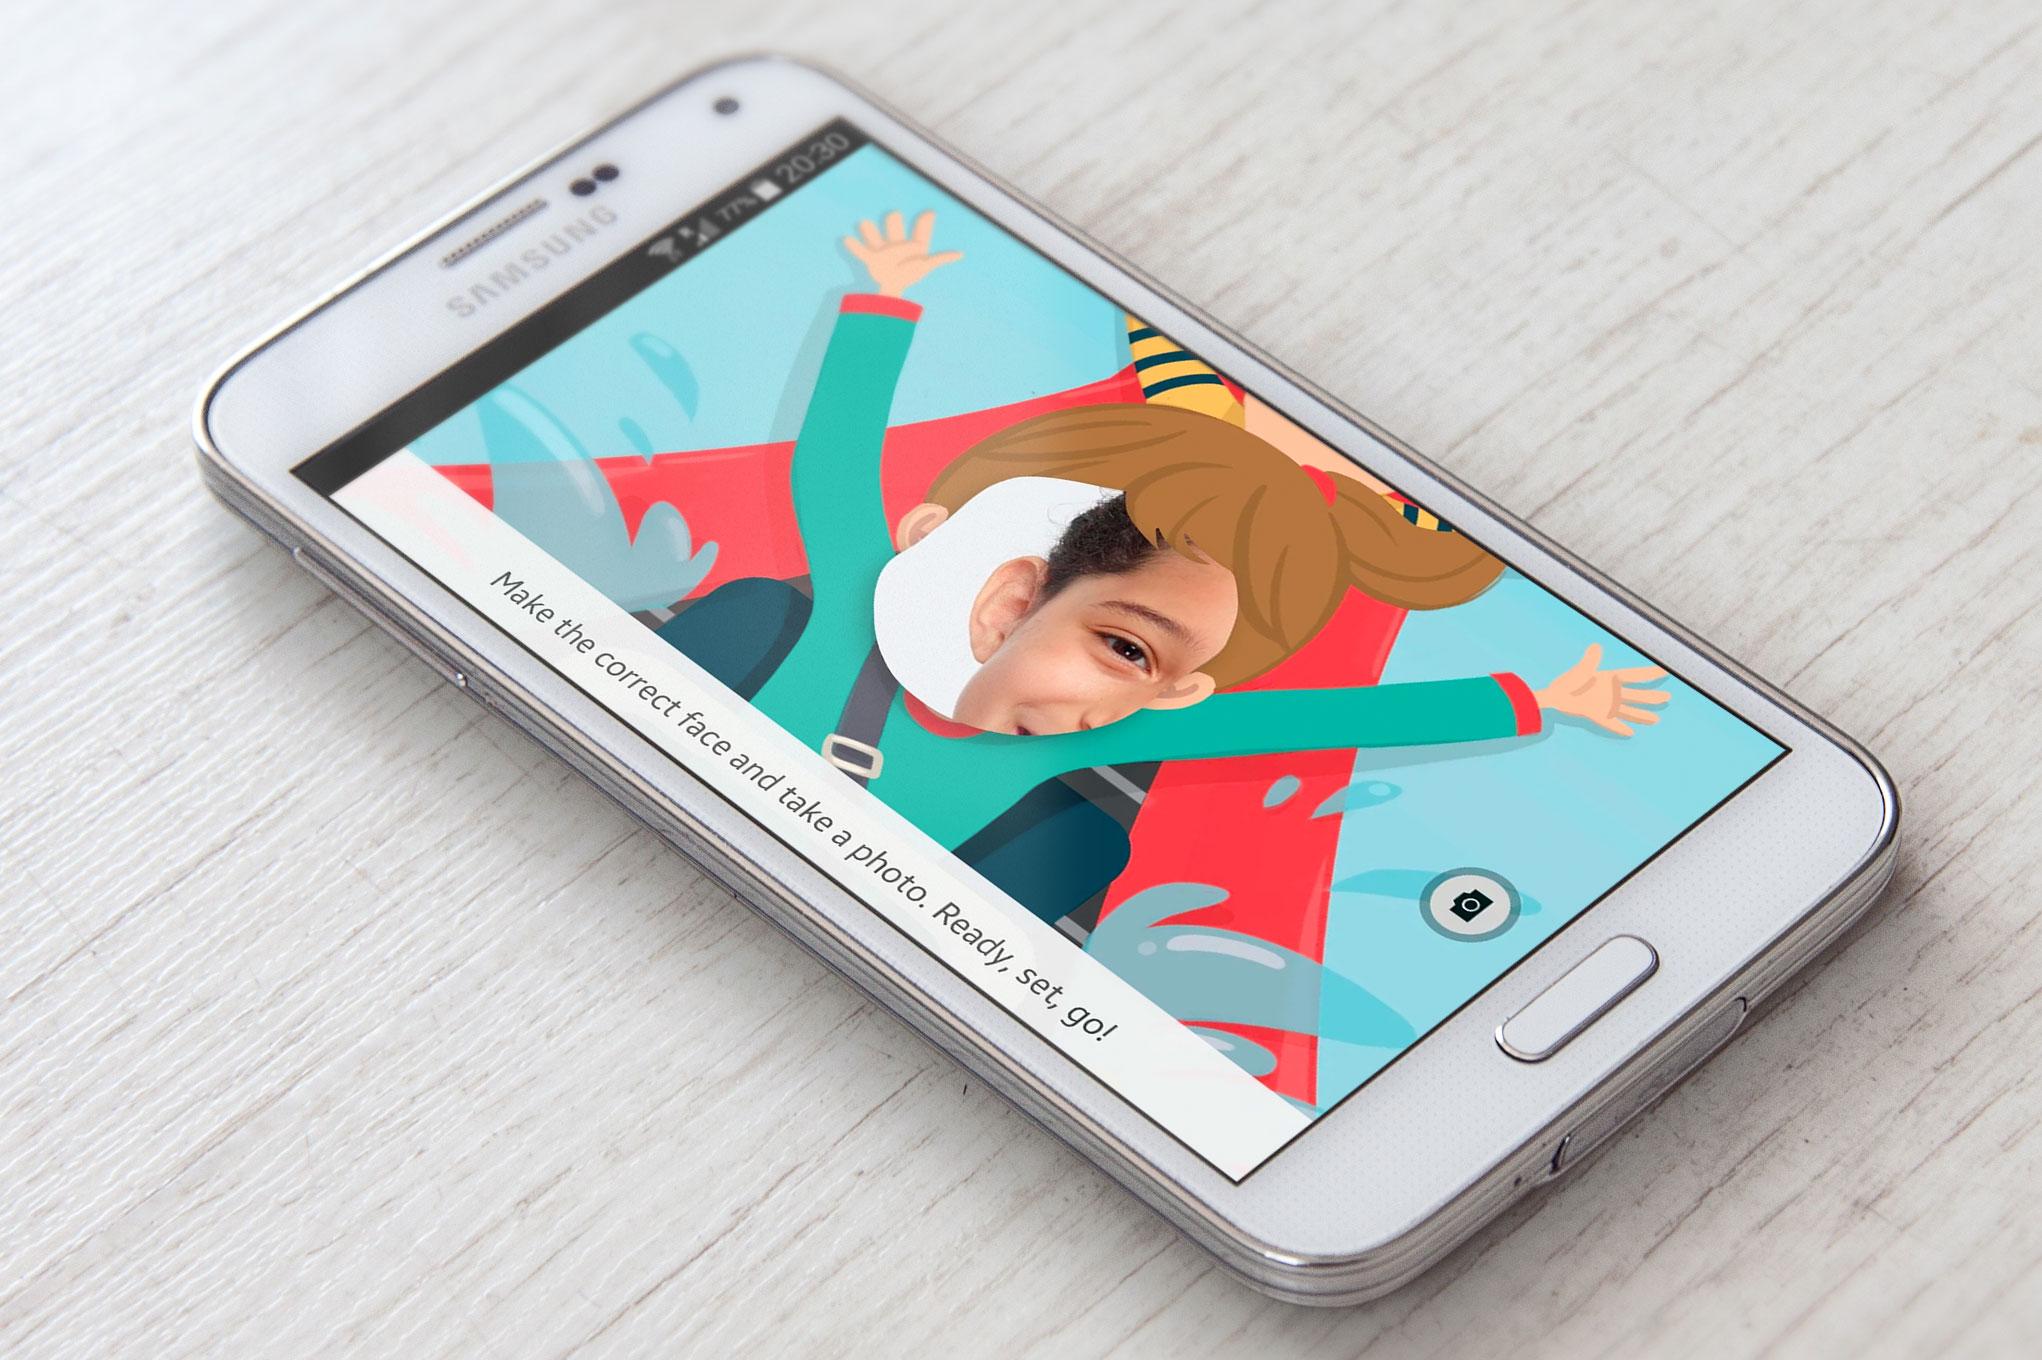 Samsung_Angle-View_Left